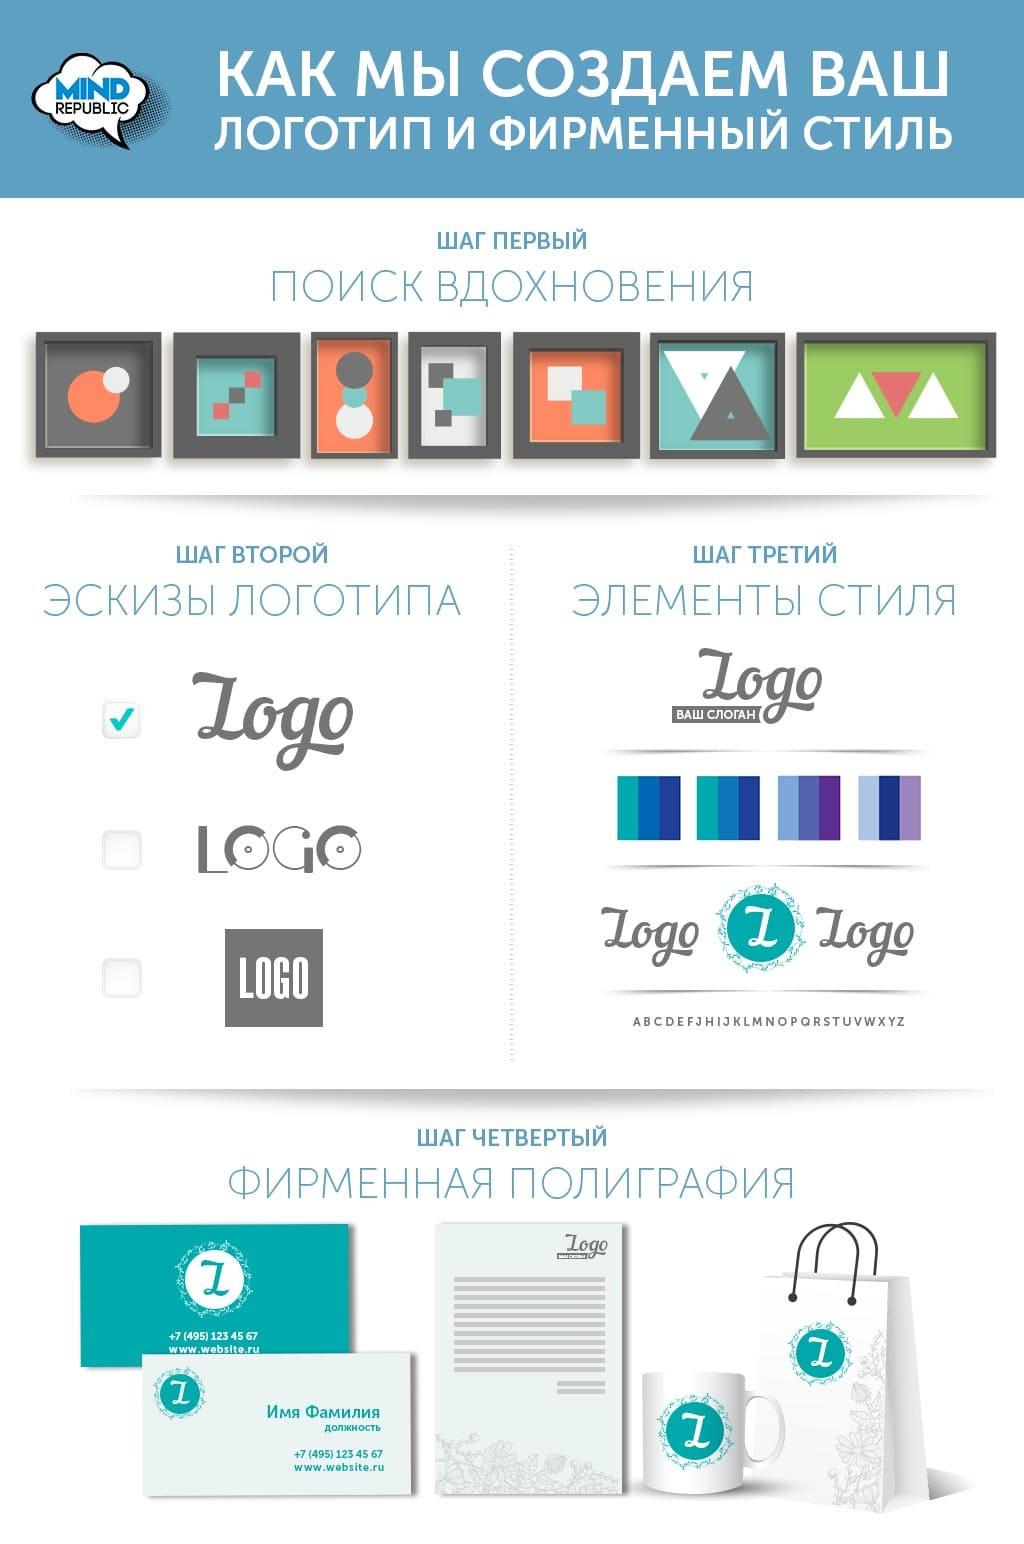 Заказать фирменный стиль предприятия. Процесс и этапы создания. Инфографика. Фото